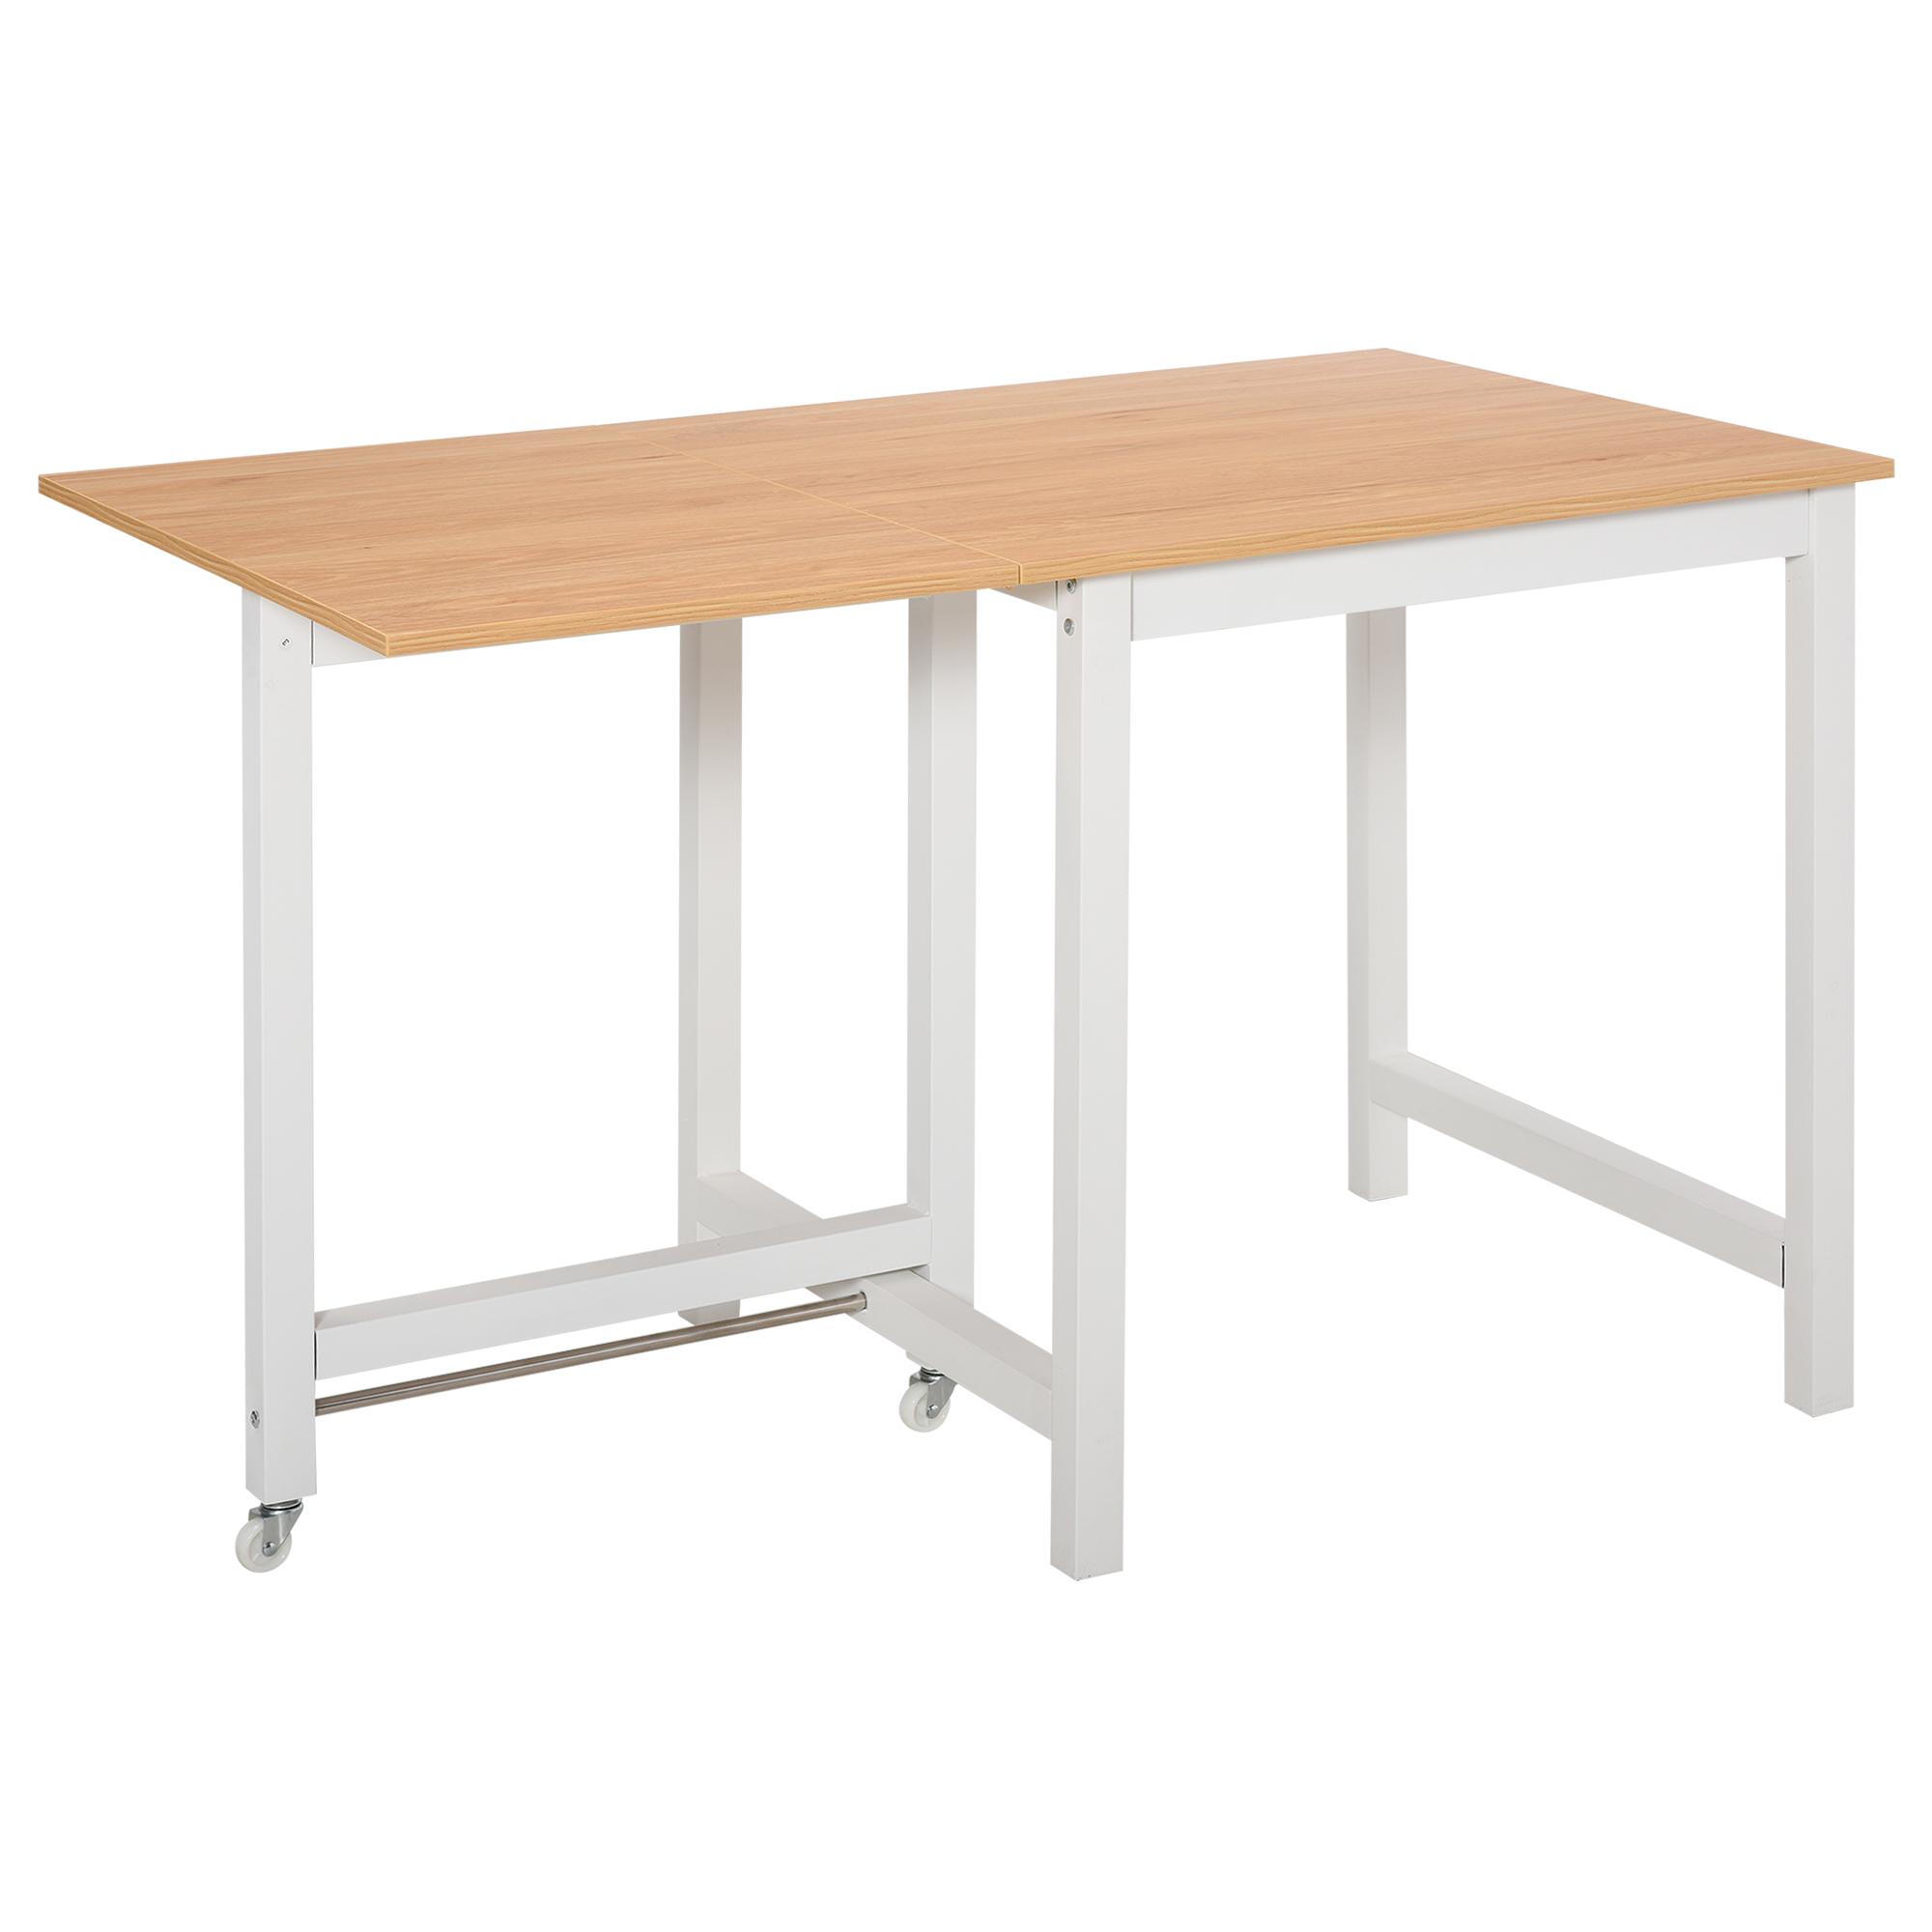 Table à manger 4 personnes avec rallonge bois clair veinage blanc